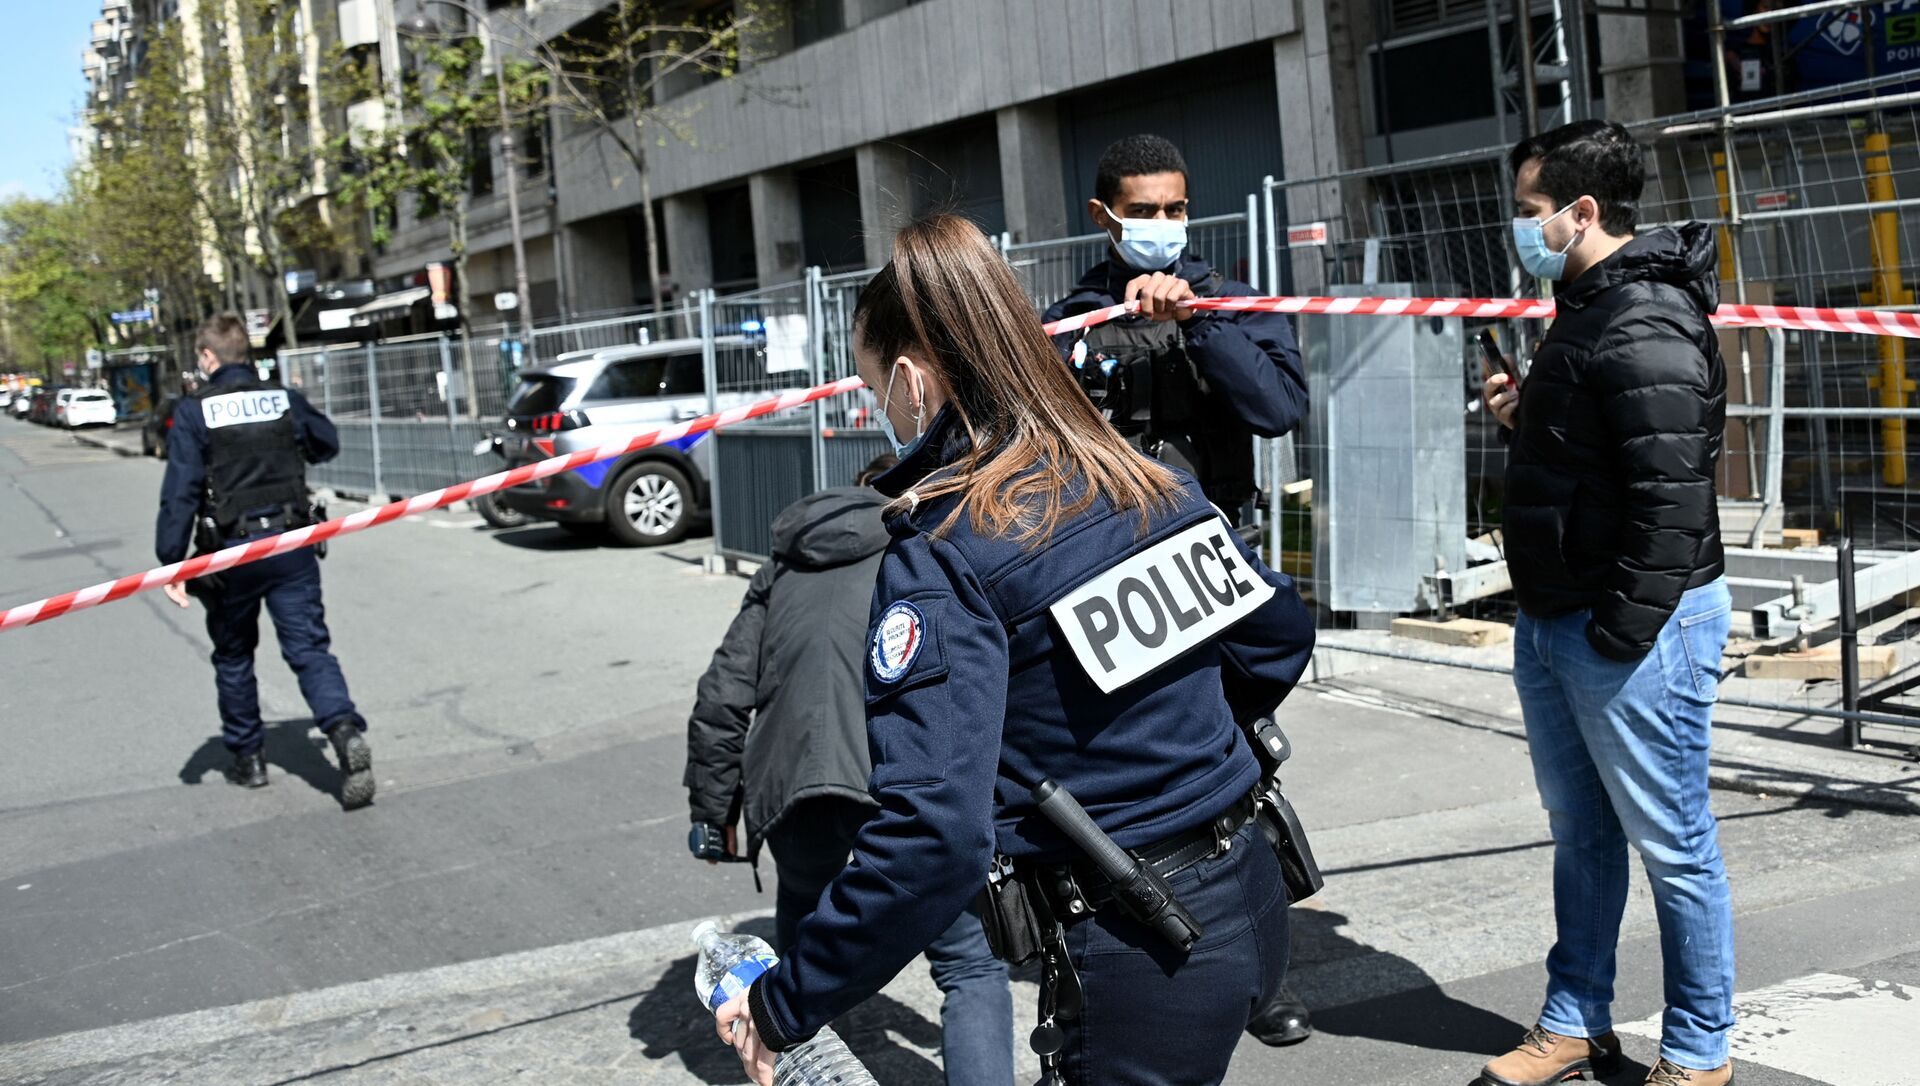 Cảnh sát Pháp phong tỏa khu vực gần Bệnh viện Henry Dunant ở Paris. - Sputnik Việt Nam, 1920, 12.04.2021